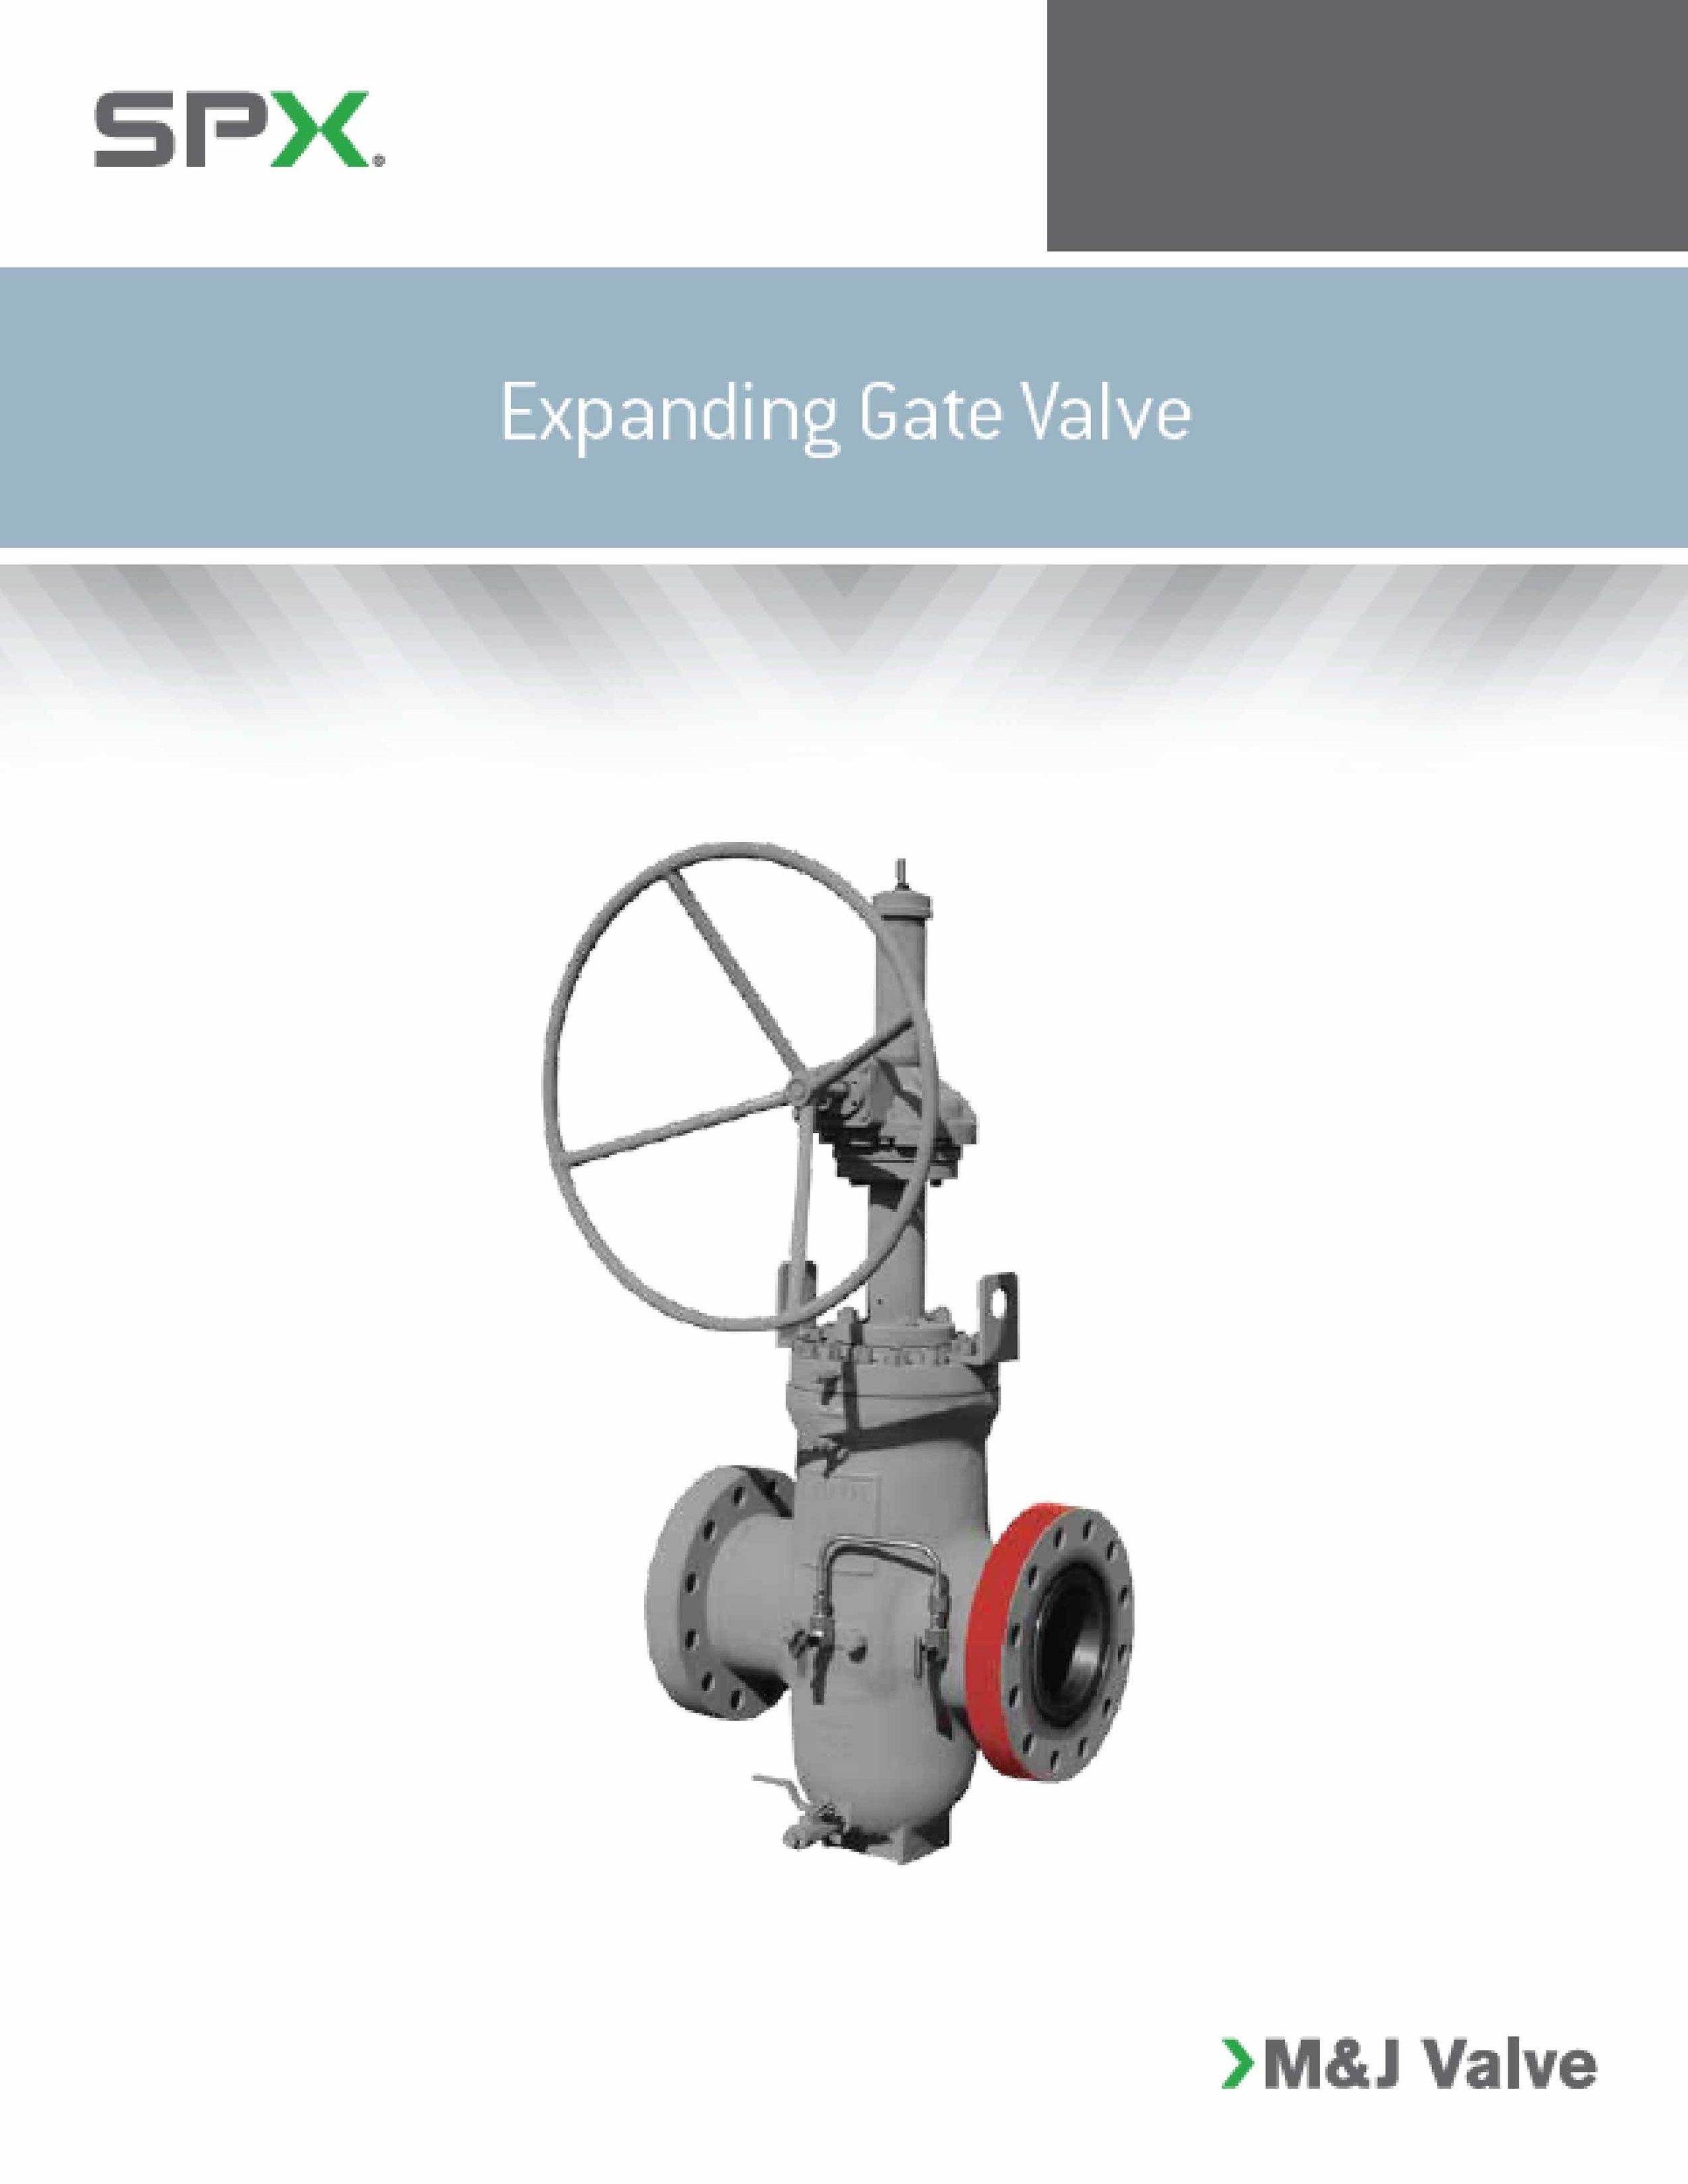 SPX_EG-brochure-01.jpg